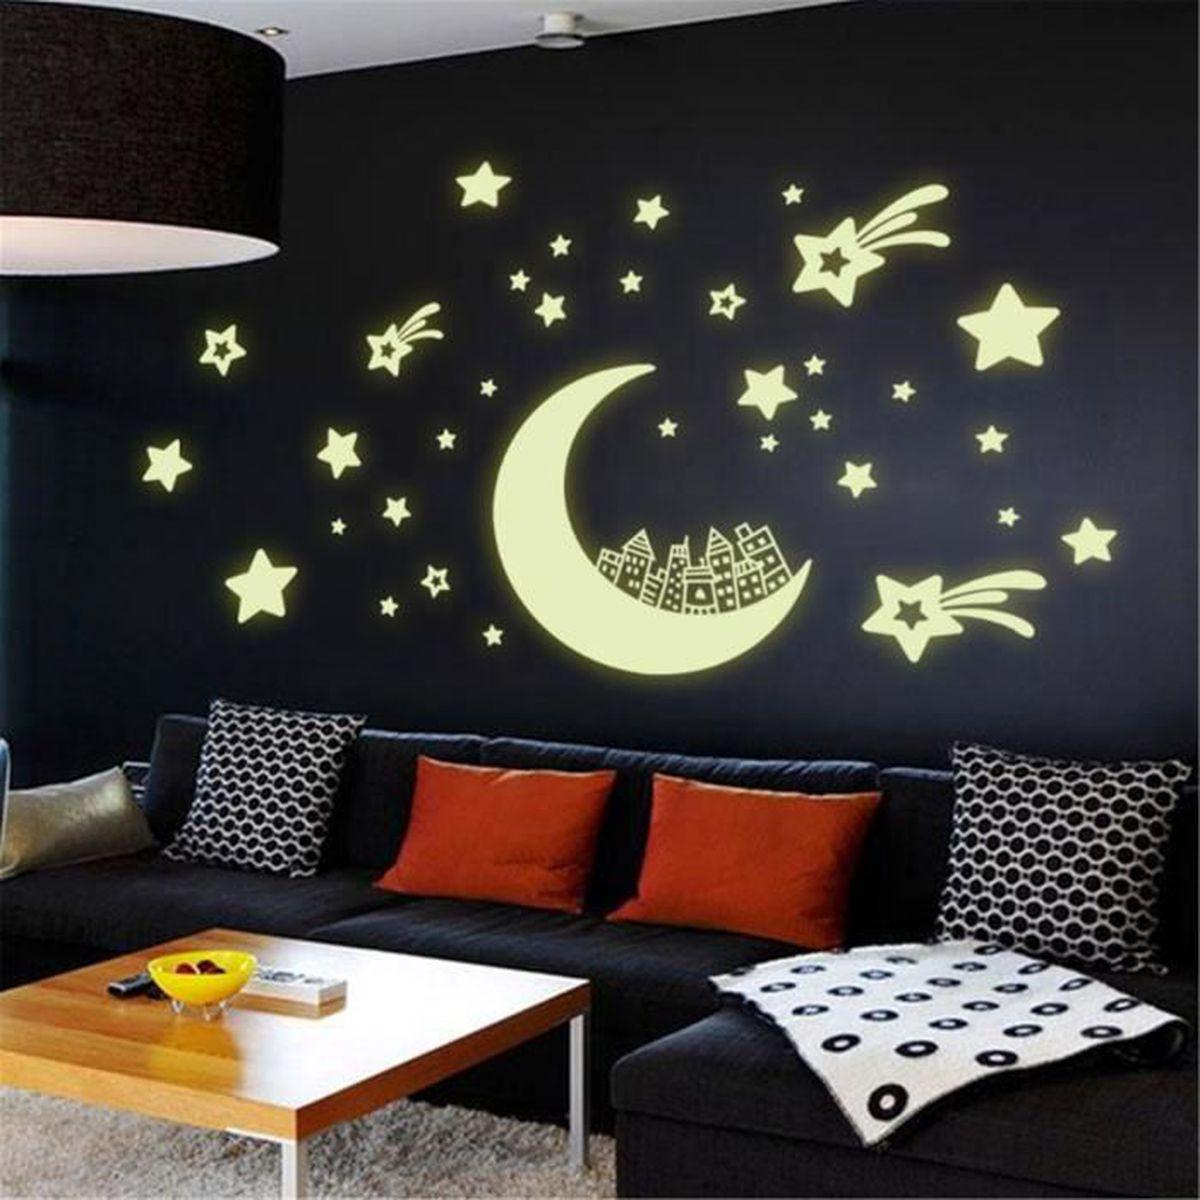 Autocollant mural phosphorescent etoile lune maison pour for Auto collant mural